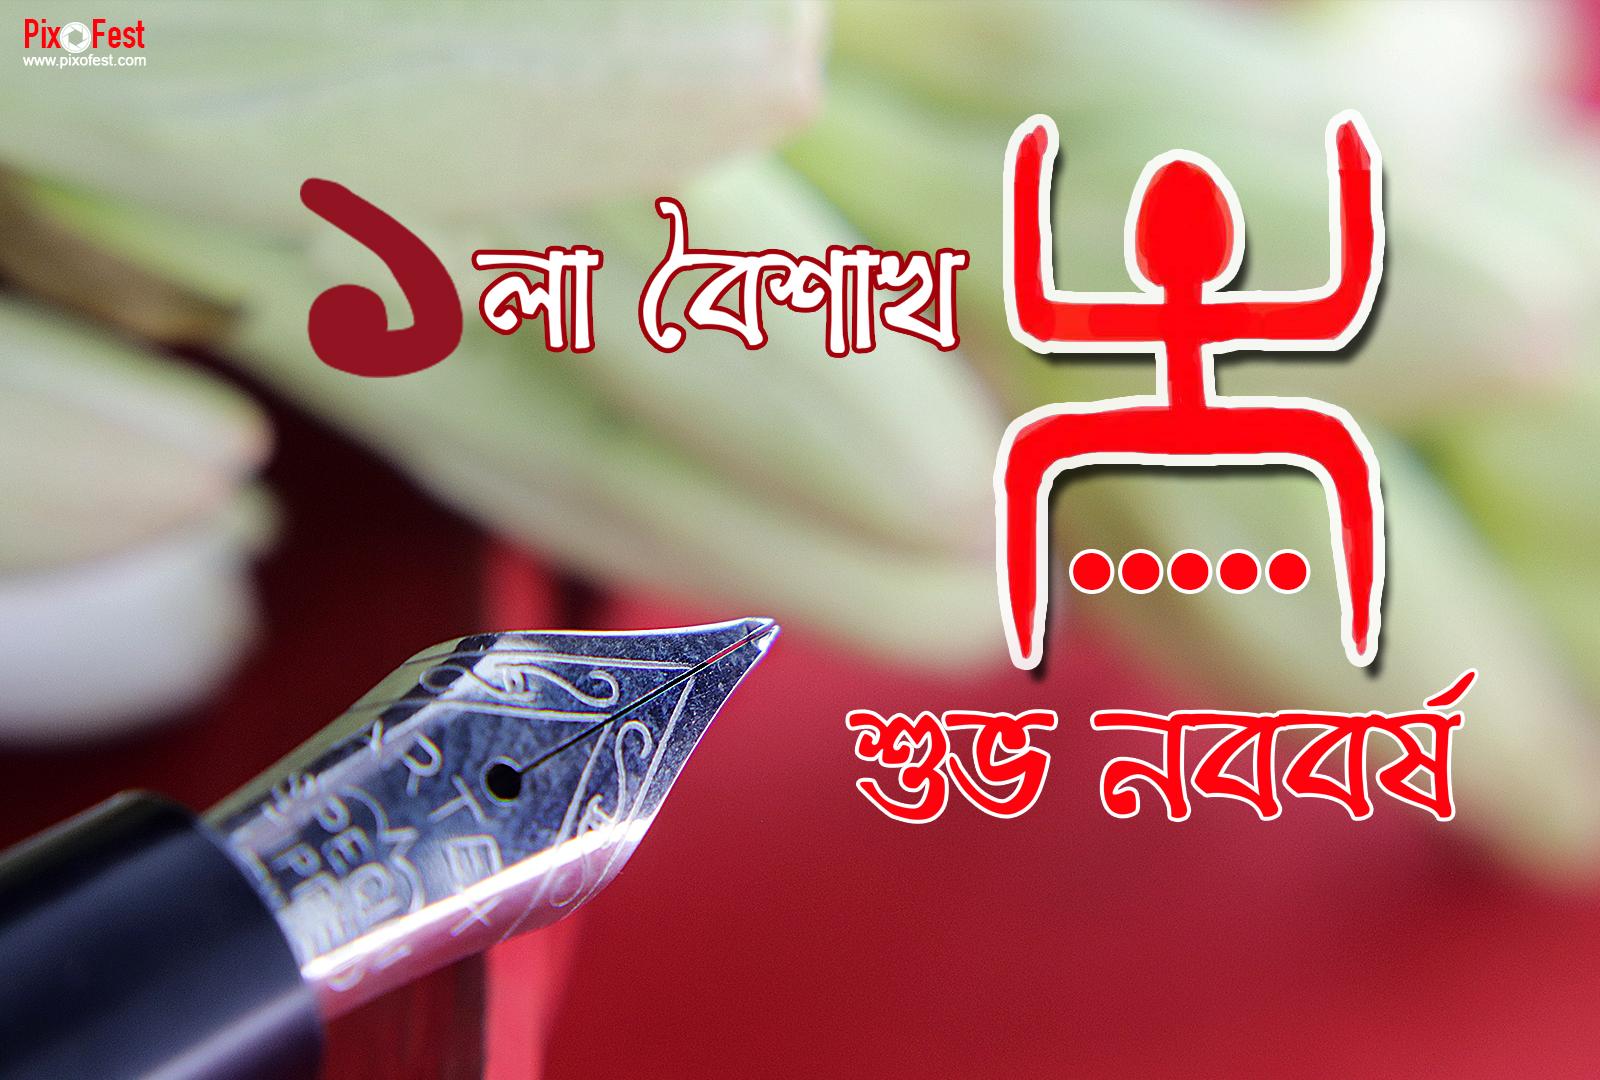 suvho nababarsha_03,subho noboborsho,navabarsha,nababarsha,pohela boishakh,pahela baishakh,bengali new year,newyear in bengali